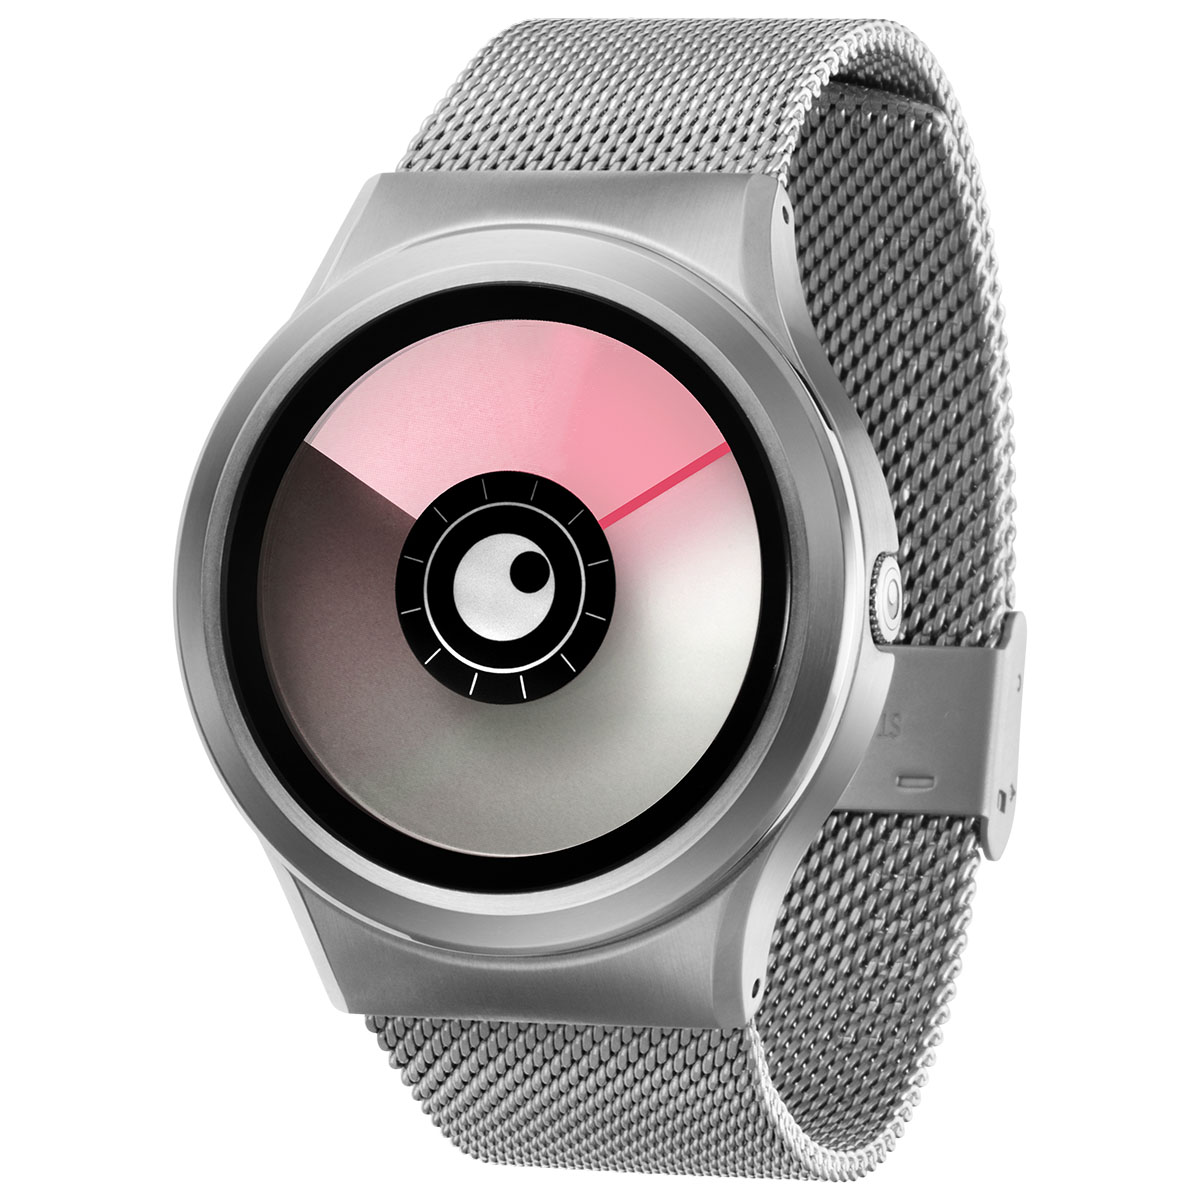 ファッションウォッチ デザインウォッチ 5ATM メーカー保障12ヶ月 ベルト調整用工具 LOGO入りクロス 取扱説明書 ZIIIROとは関係ありません ZEROOTIME ゼロタイム ZEROO 舗 AURORA デザイナーズ ピンク ゼロ おしゃれ時計 電池式クォーツ ユニセックス ペア用 W12020B01SM01 腕時計 贈呈 レディース BOREALIS メンズ